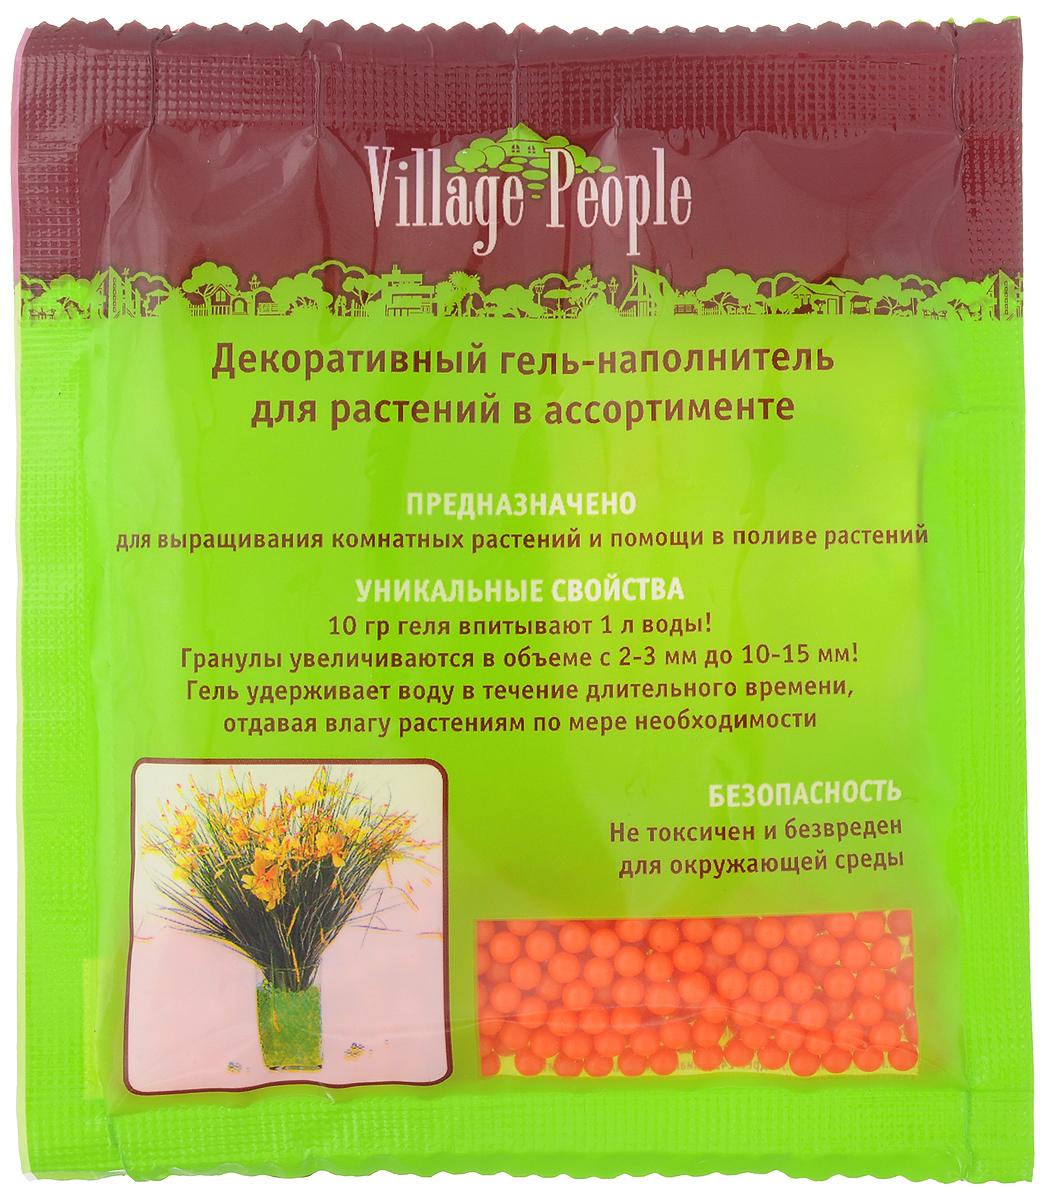 Гель-наполнитель декоративный Village People, для растений, цвет: оранжевый, 10 г66922_оранжевыйДекоративный гель-наполнитель Village People предназначен для выращивания комнатных растений и помощи в поливе растений. Гель не токсичен и безвреден для окружающей среды. Уникальные свойства геля: 10 г геля впитывают 1 литр воды. Гранулы увеличиваются в объеме с 2-3 мм до 10-15 мм. Гель удерживает воду в течение длительного времени, отдавая влагу растениям по мере необходимости. Вес: 10 г. Размер гранул: 2-3 мм.